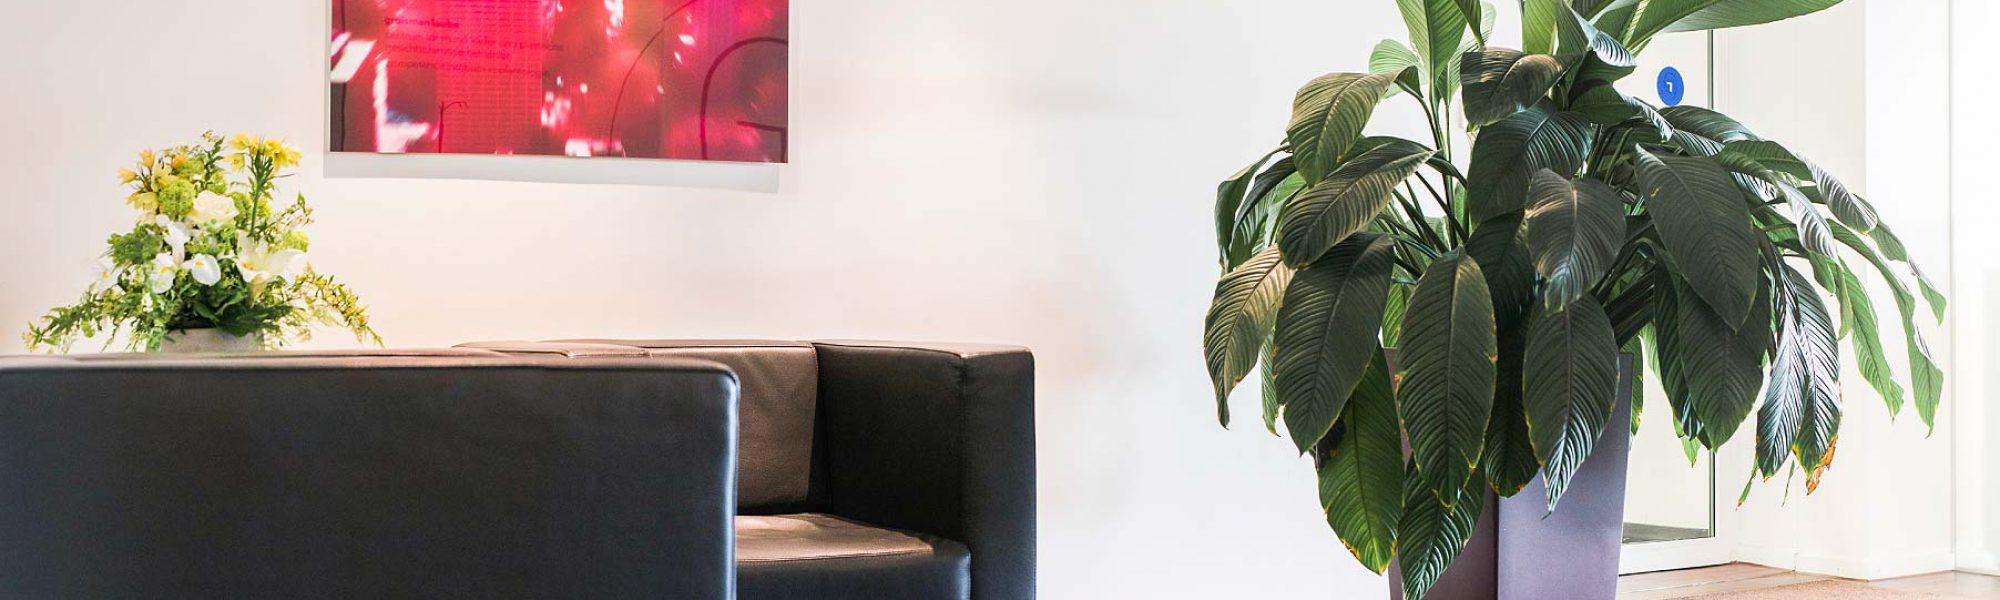 Bild des Wartezimmers der Gemeinschaftspraxis von Groisman & Laube in Frankfurt